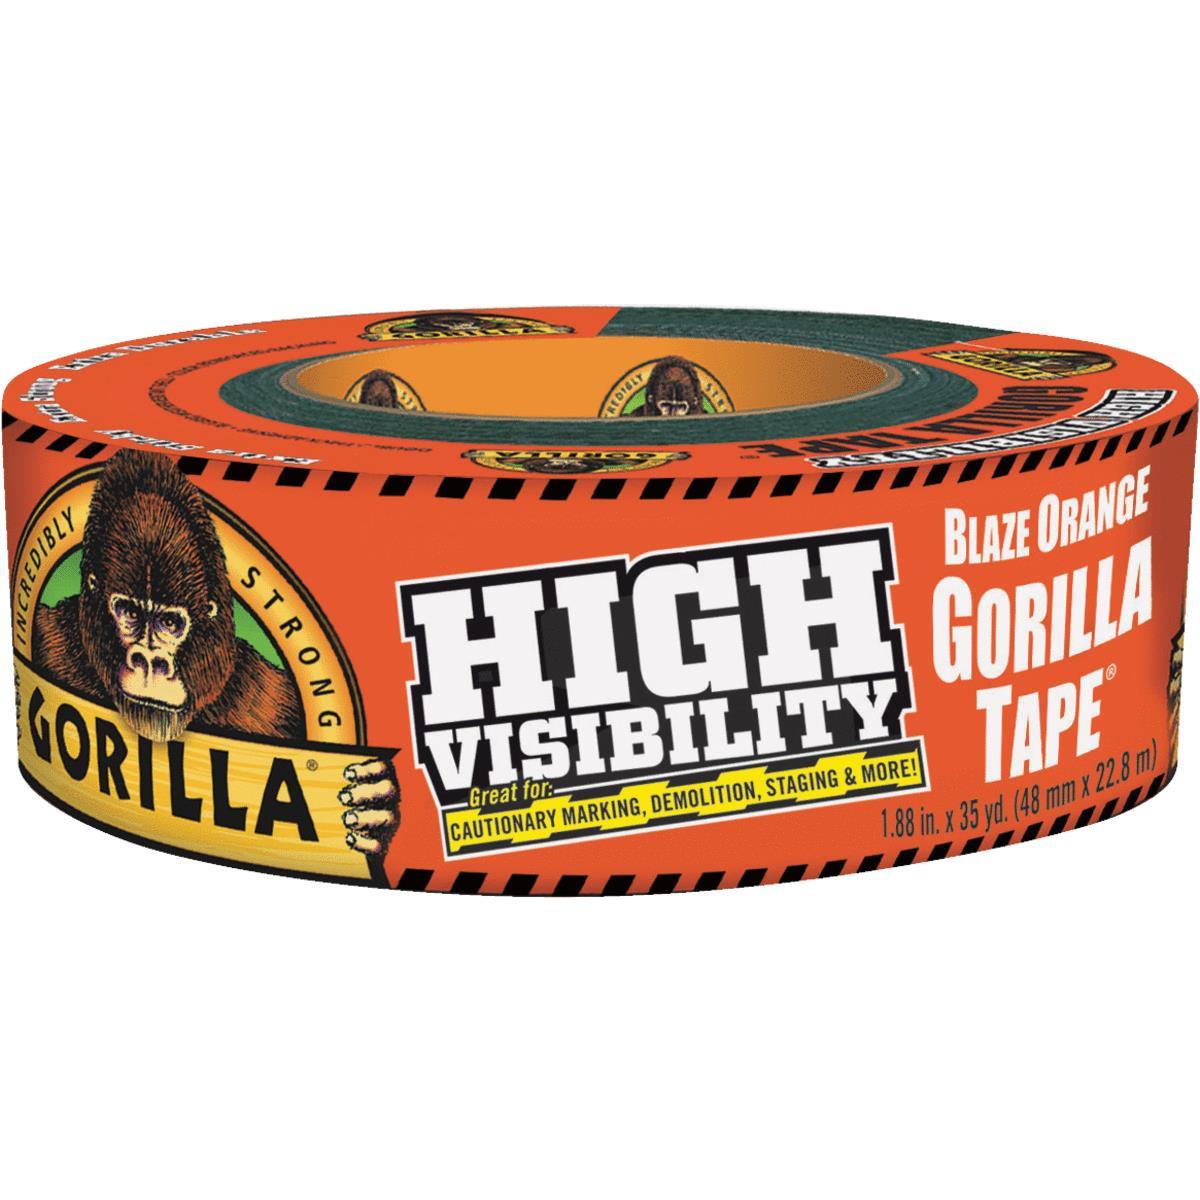 Gorilla 6004002